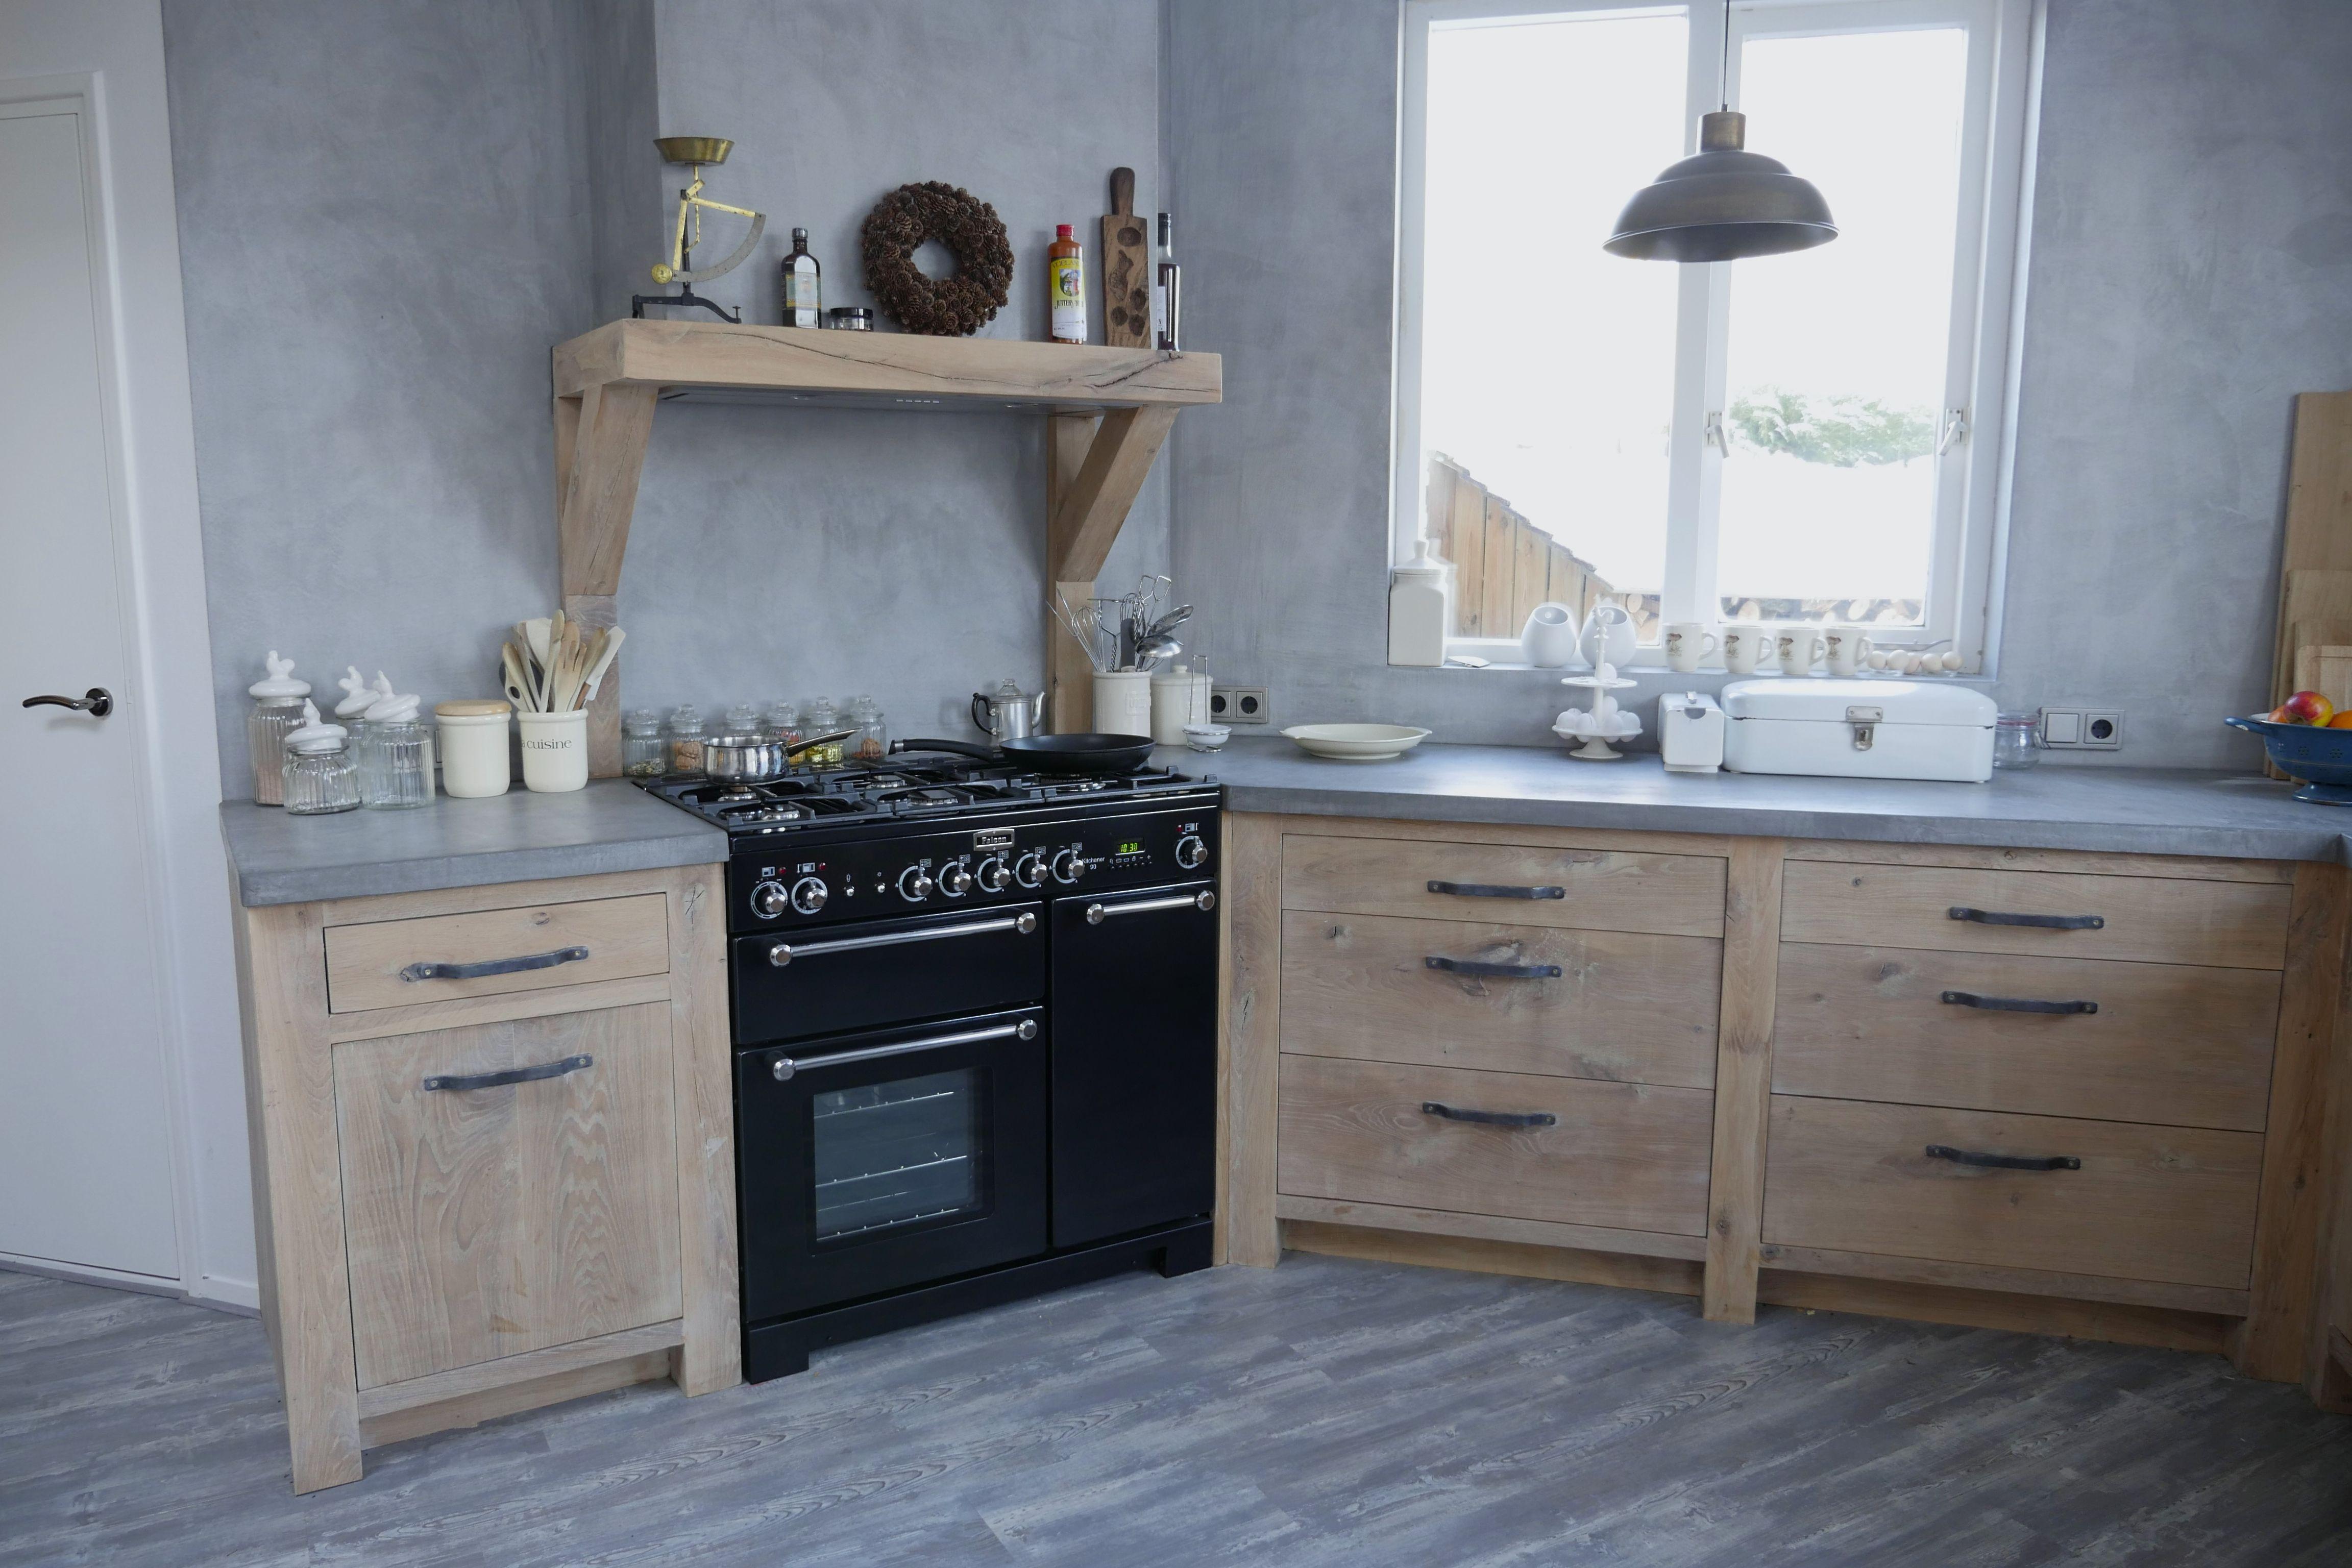 Beton Cire Keuken : Beton cire arbeitsplatte frisch betonvloer keuken fris top moderne